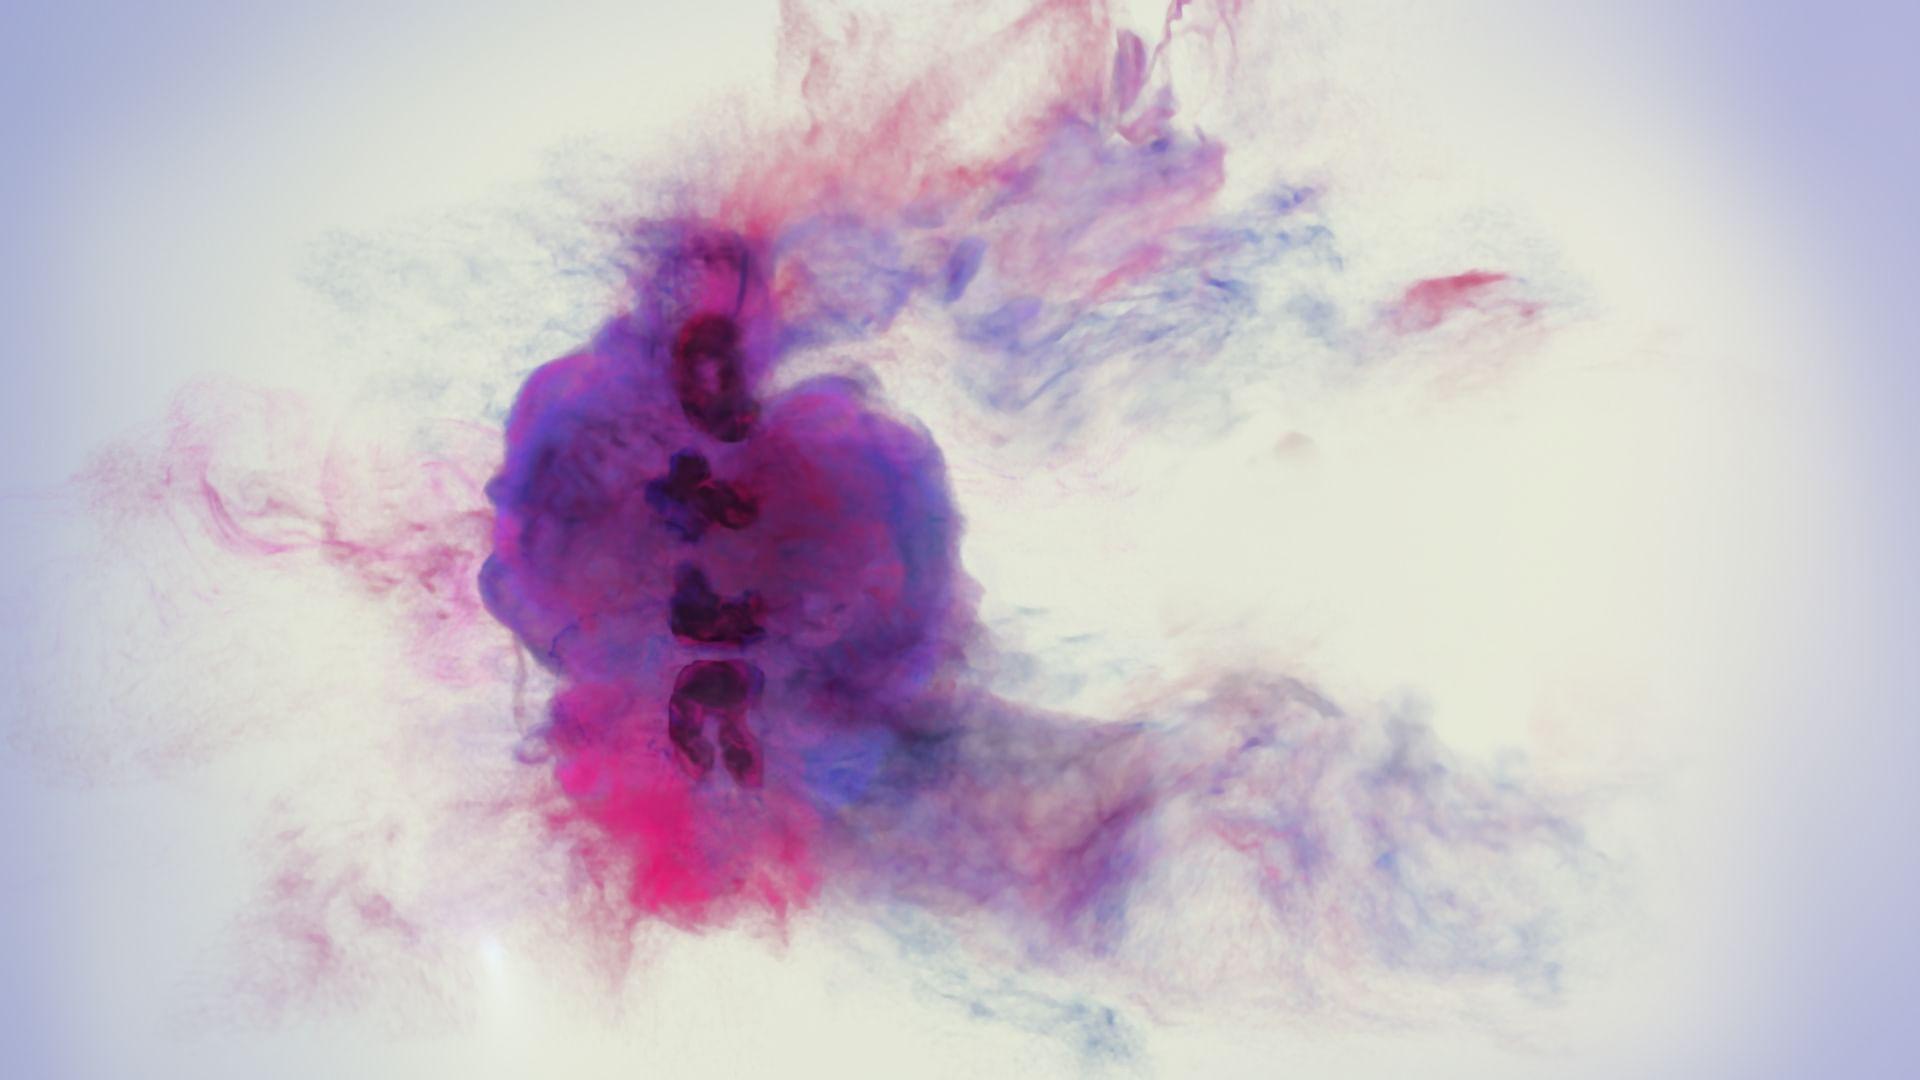 ARTE - France Musique : Un tout nouveau site pour transmettre la musique classique